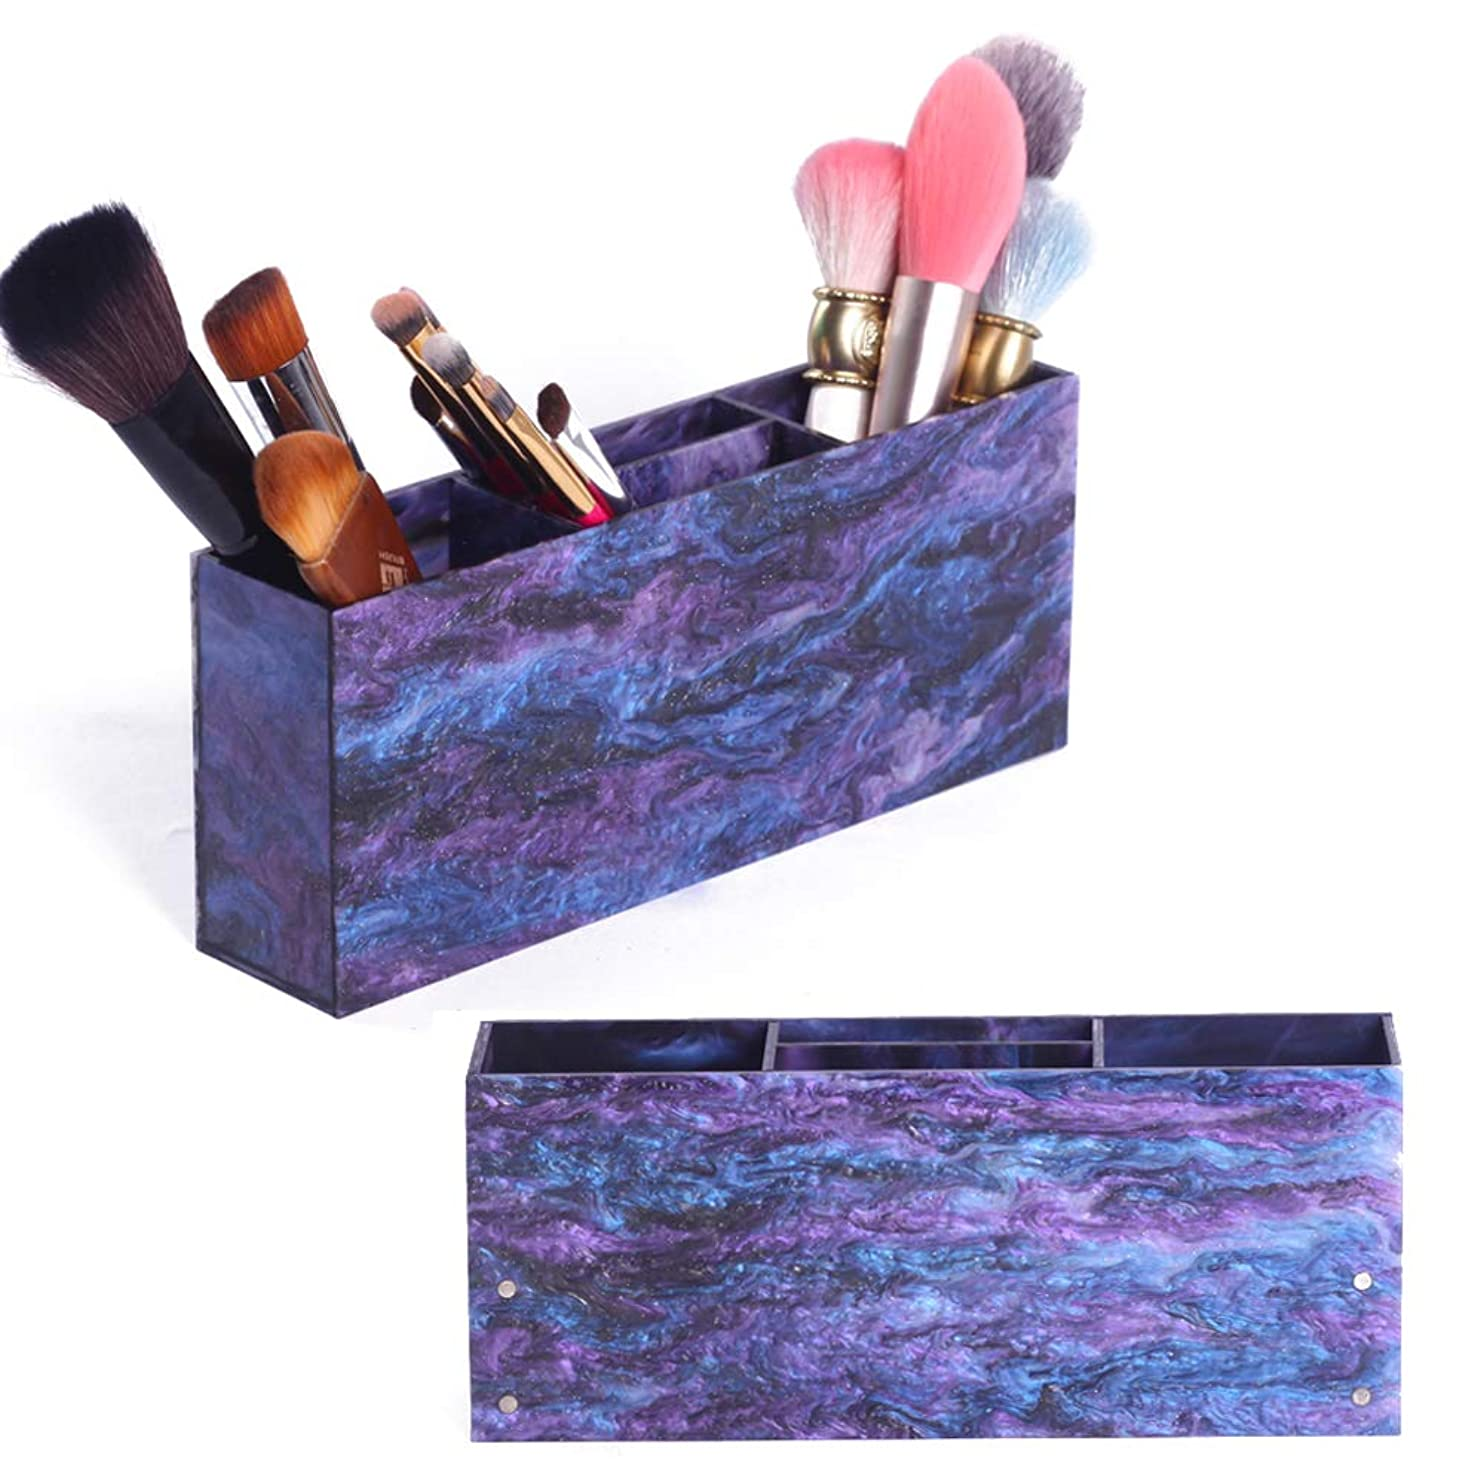 十一才能のある木材4つのスロット化粧ブラシホルダーと10の美しさスポンジ卵パフ姿勢、空気乾燥トレイ